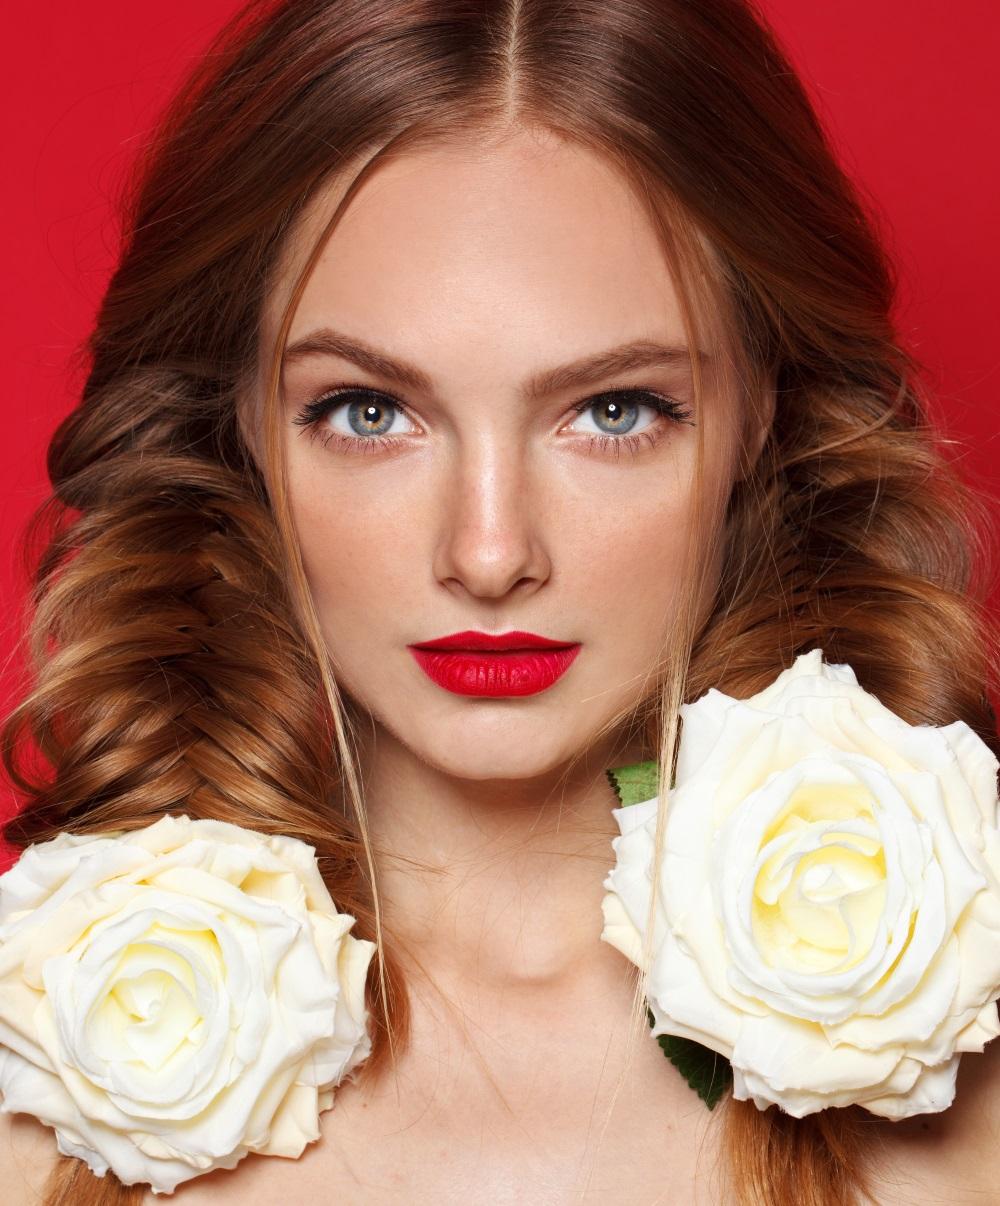 Iata 7 trucuri de frumusete din batrani care inca functioneaza